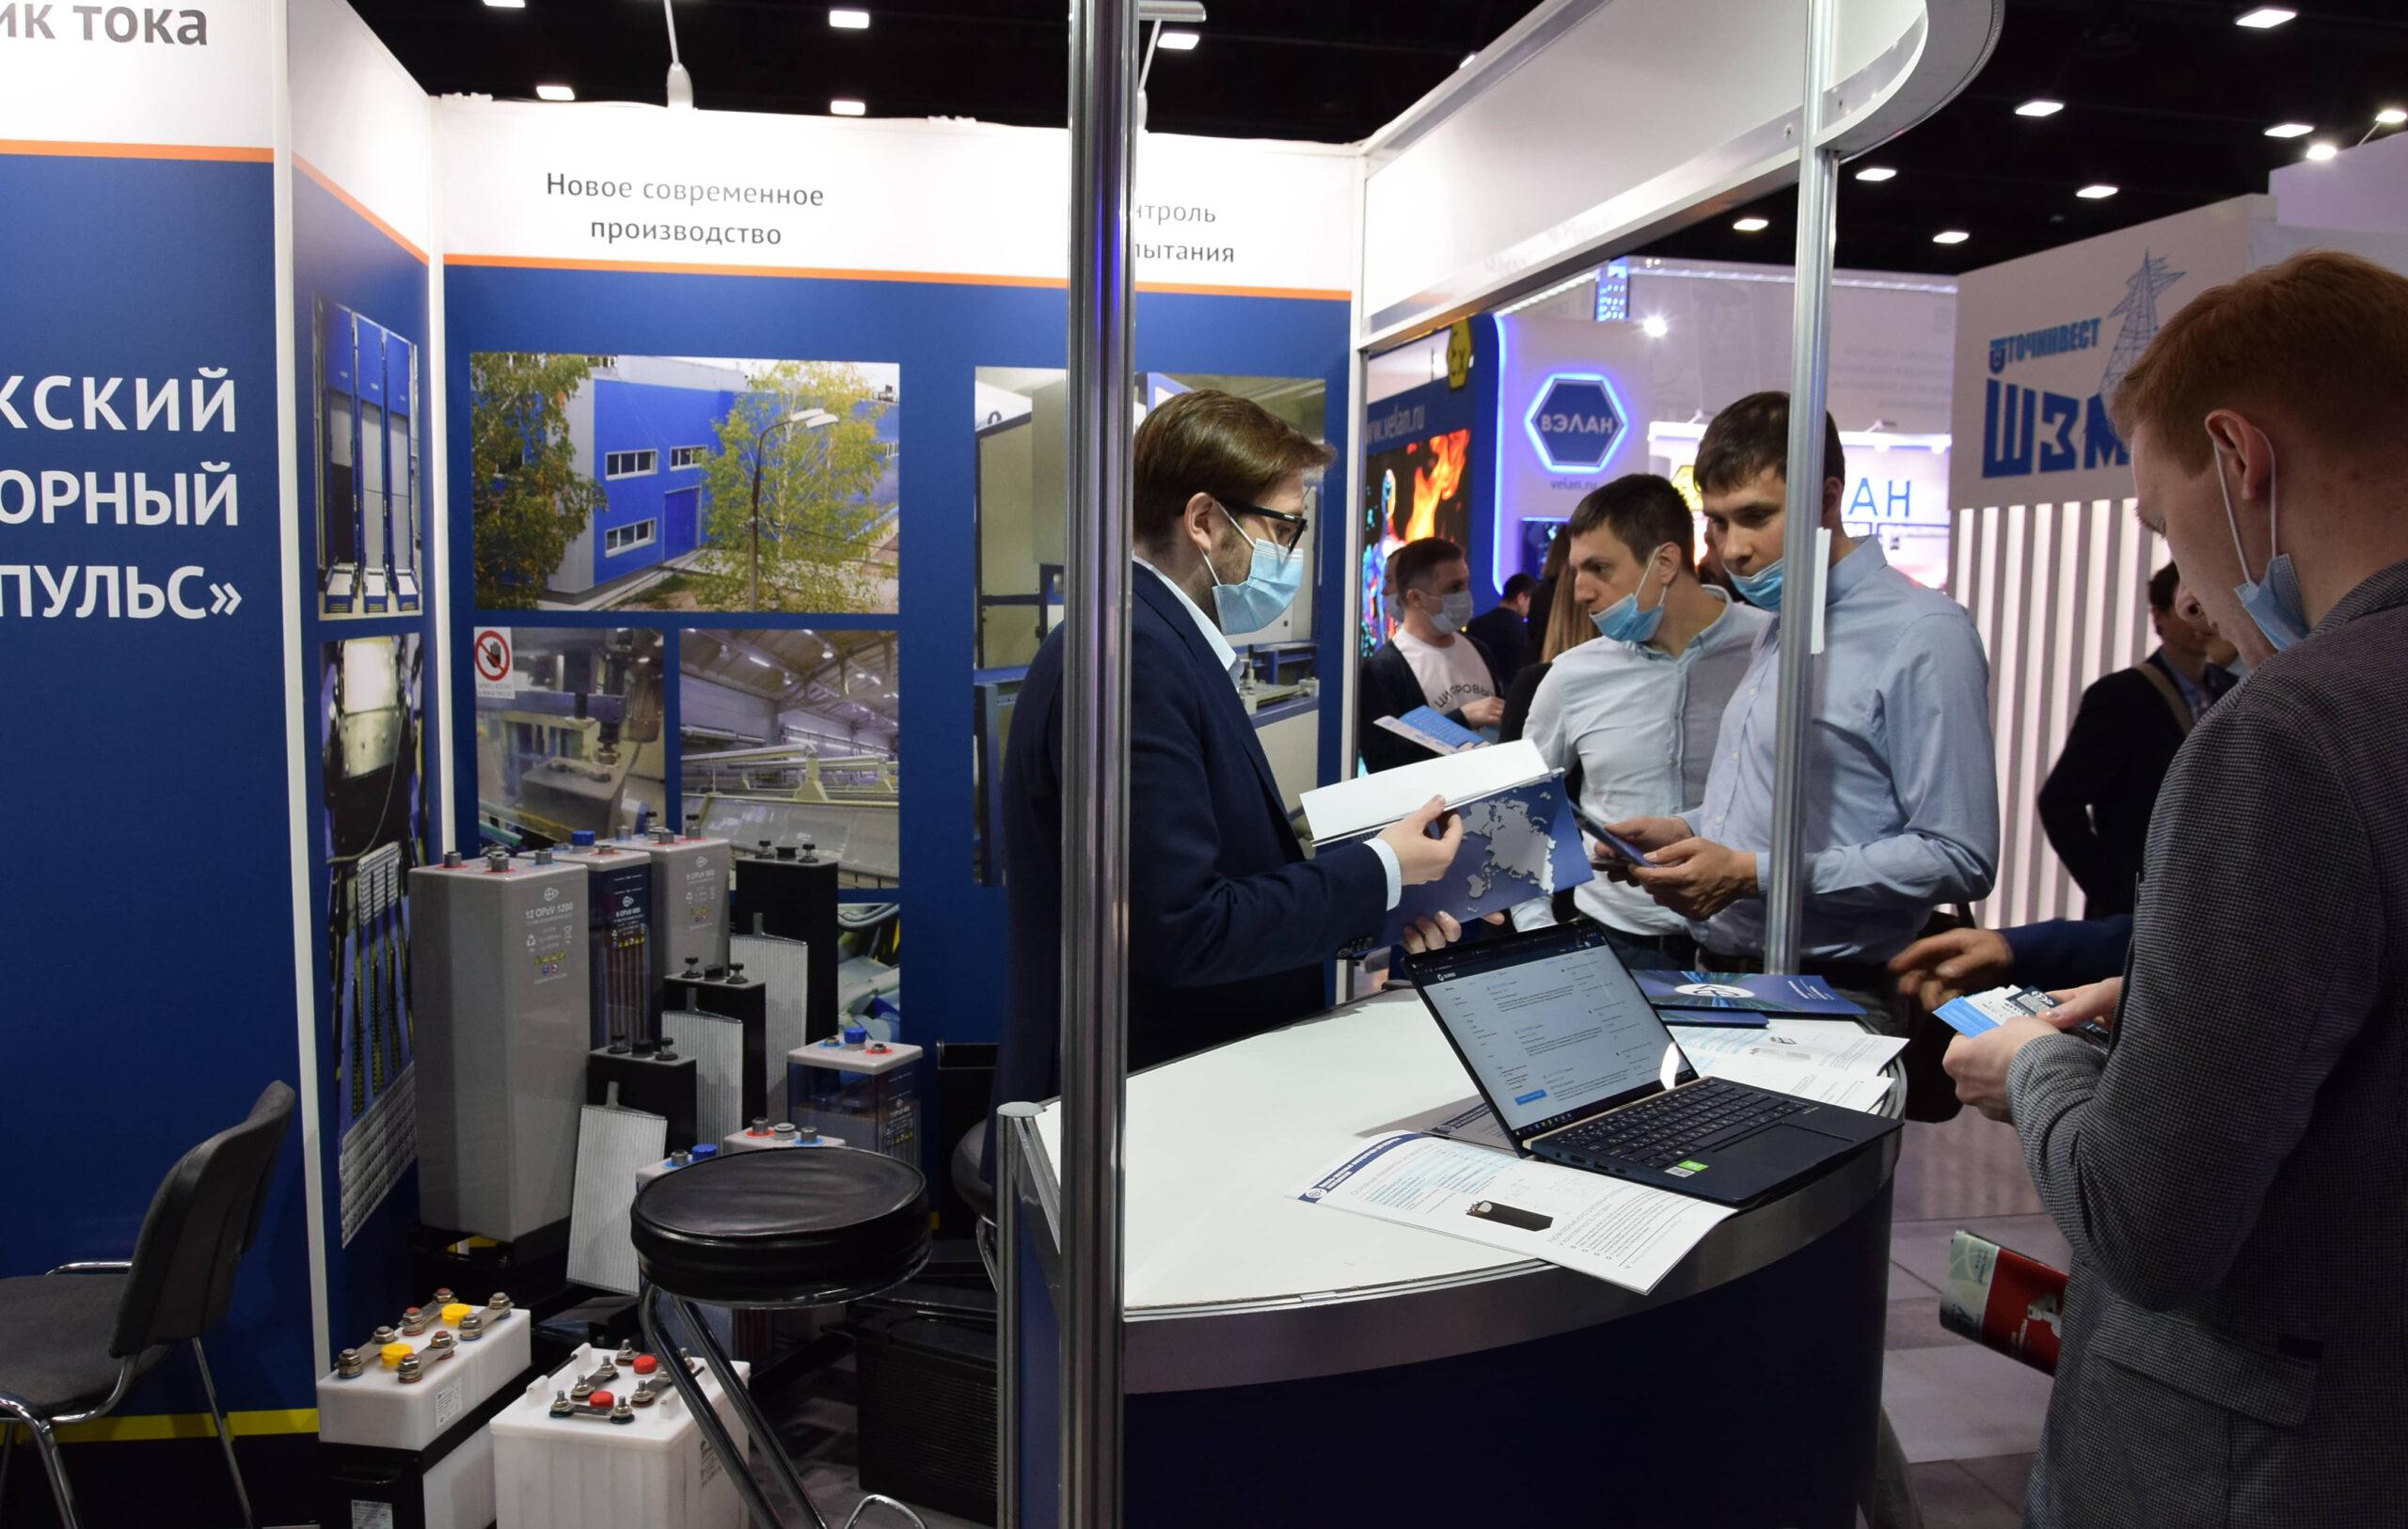 ВАЗ «Импульс» принял участие в ежегодной специализированной выставке «Энергетика и электротехника»